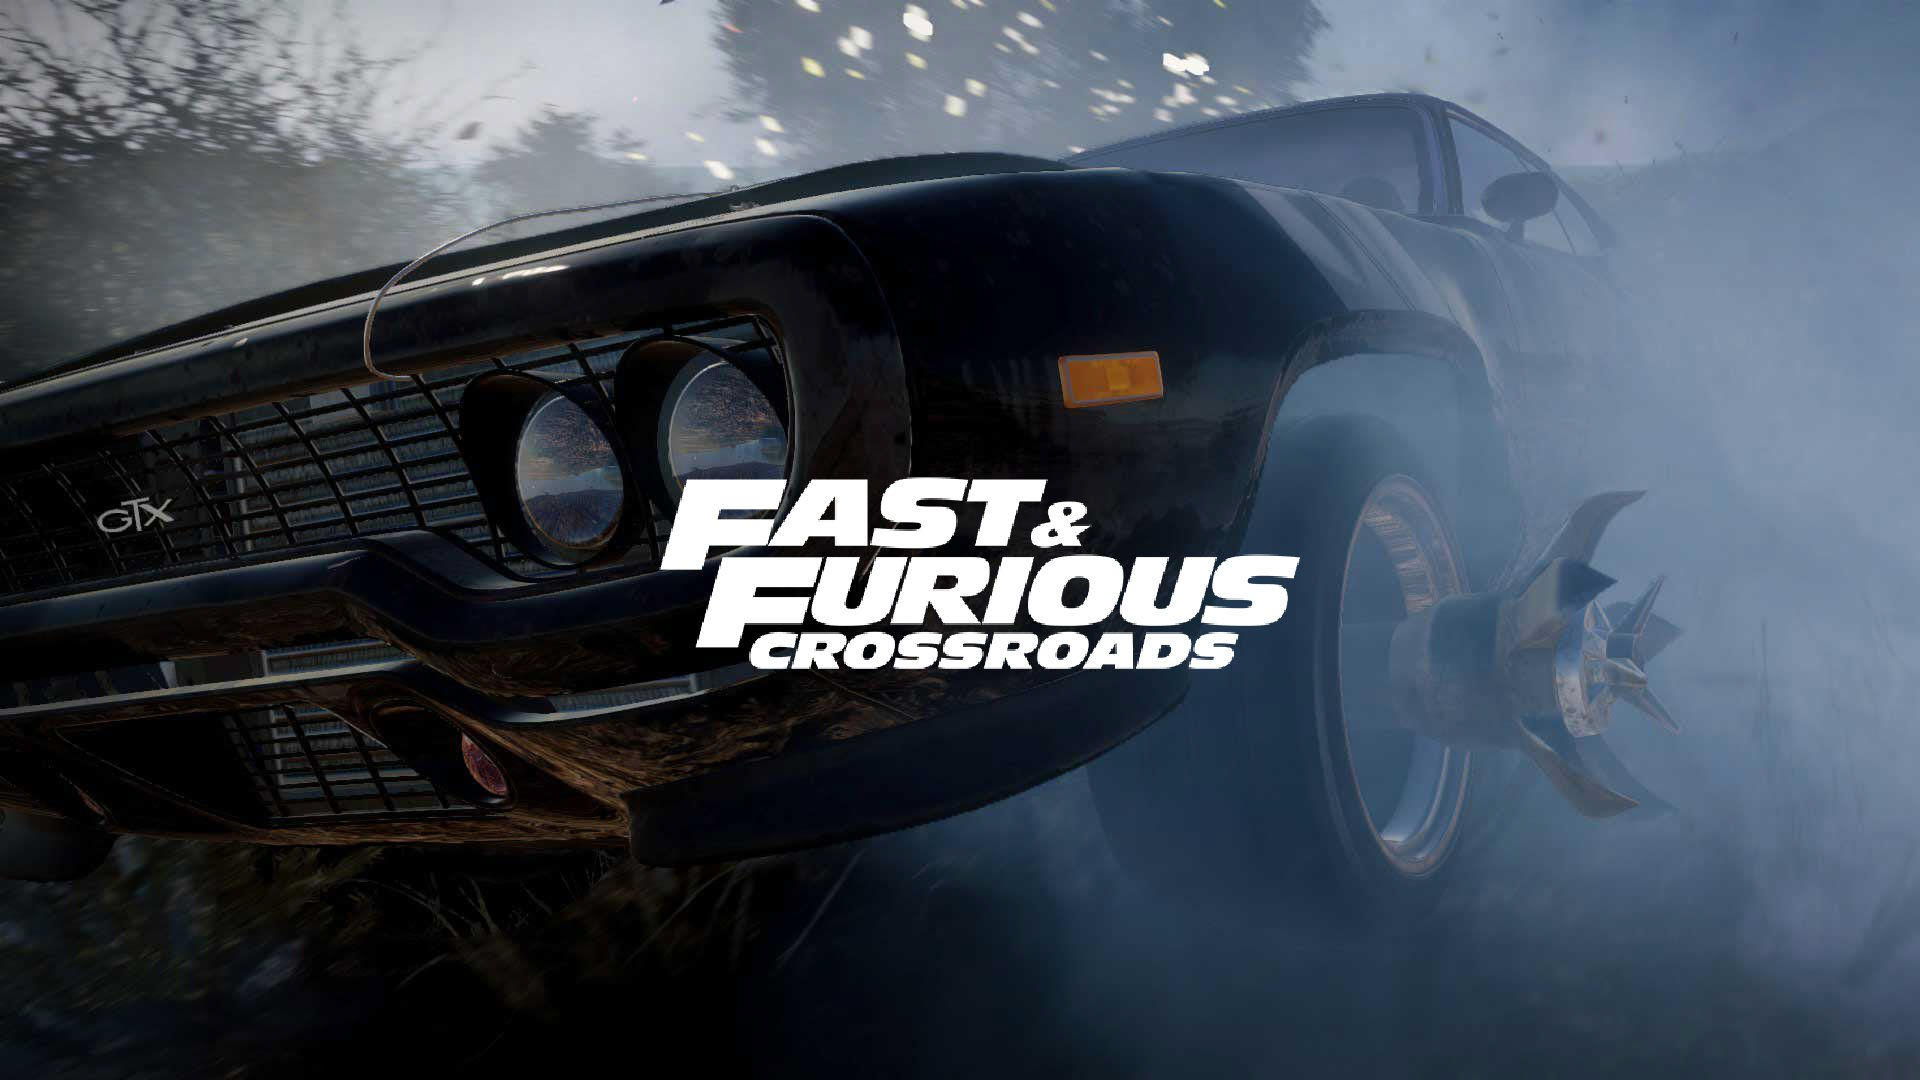 Fast & Furious Crossroads PC Minimum ve Önerilen Sistem Gereksinimleri, Çıkış Tarihi